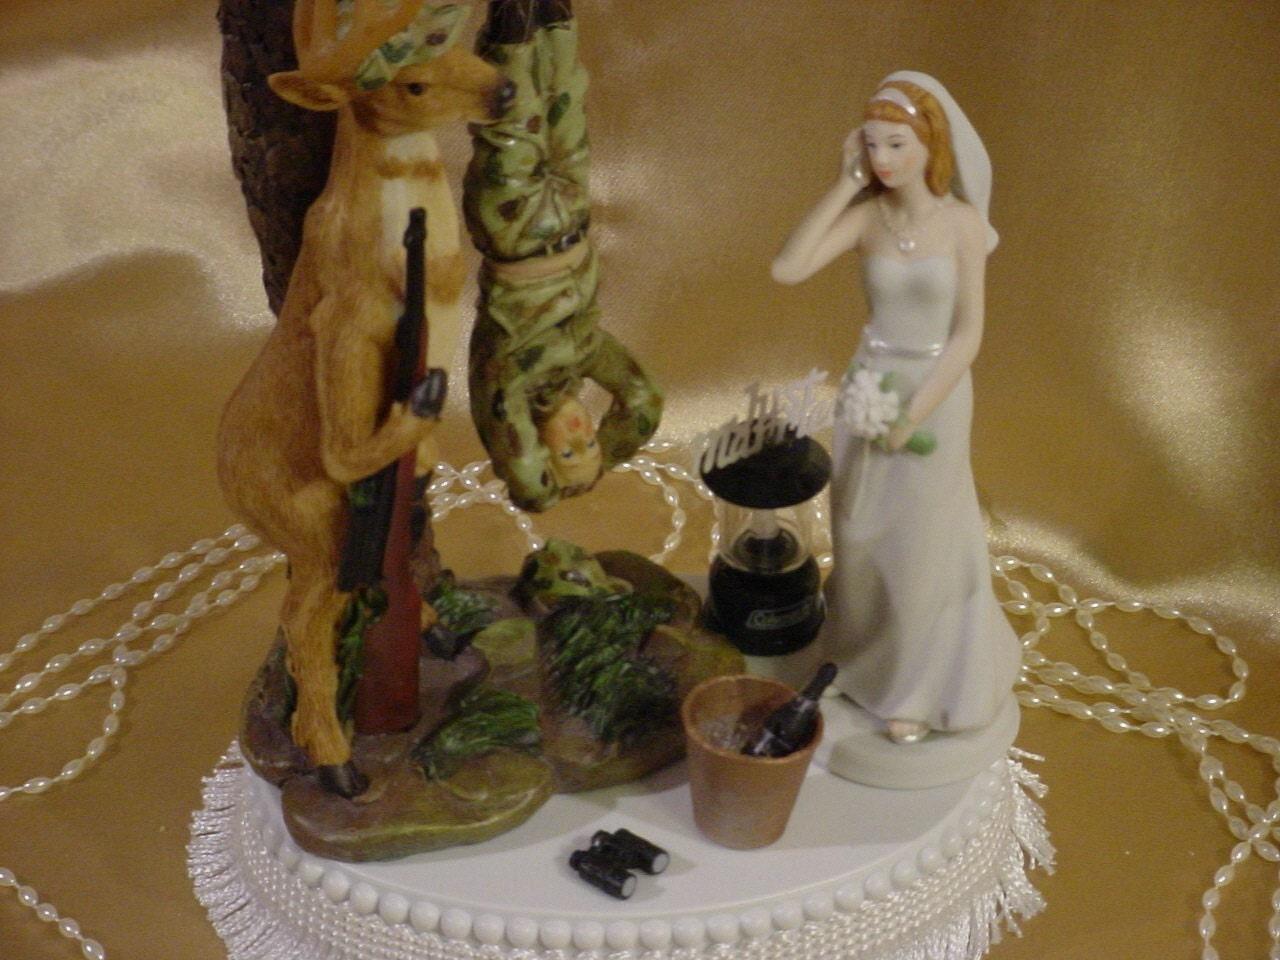 Deer Groom Hunter Camo Groom Wedding Cake Topper Bride On Phone Hunting Redneck HP1